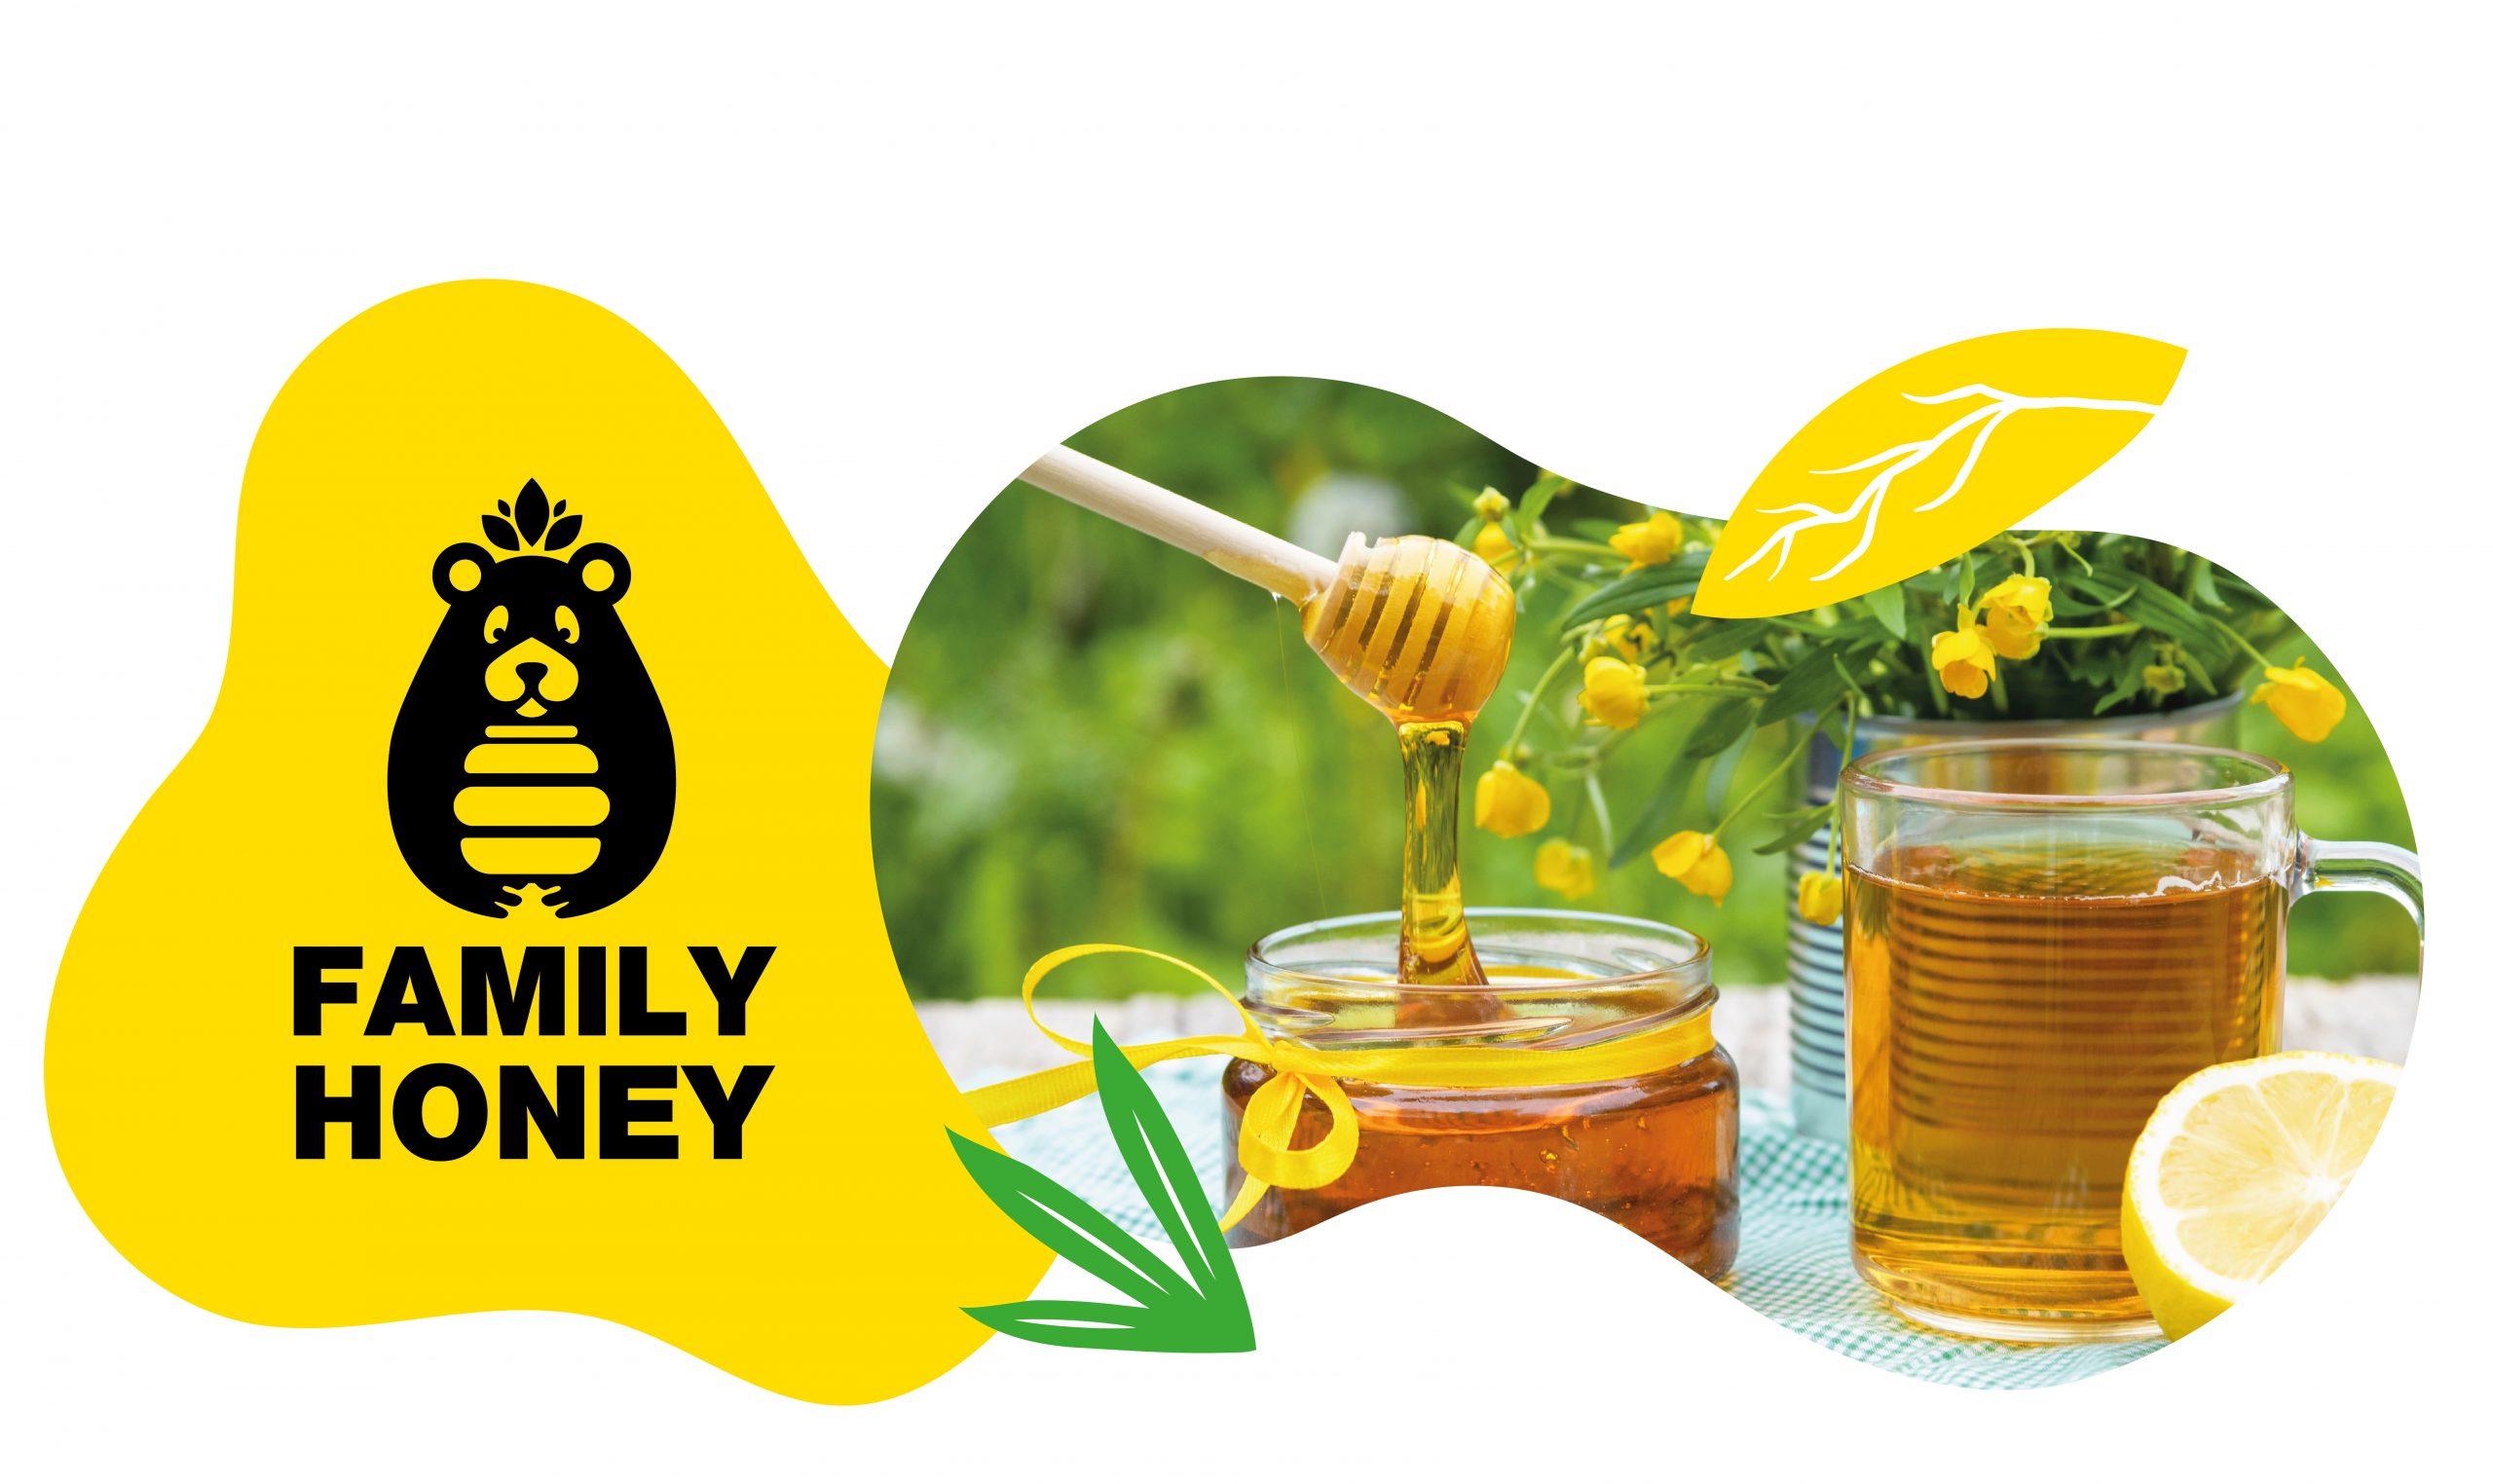 Family Honey banner